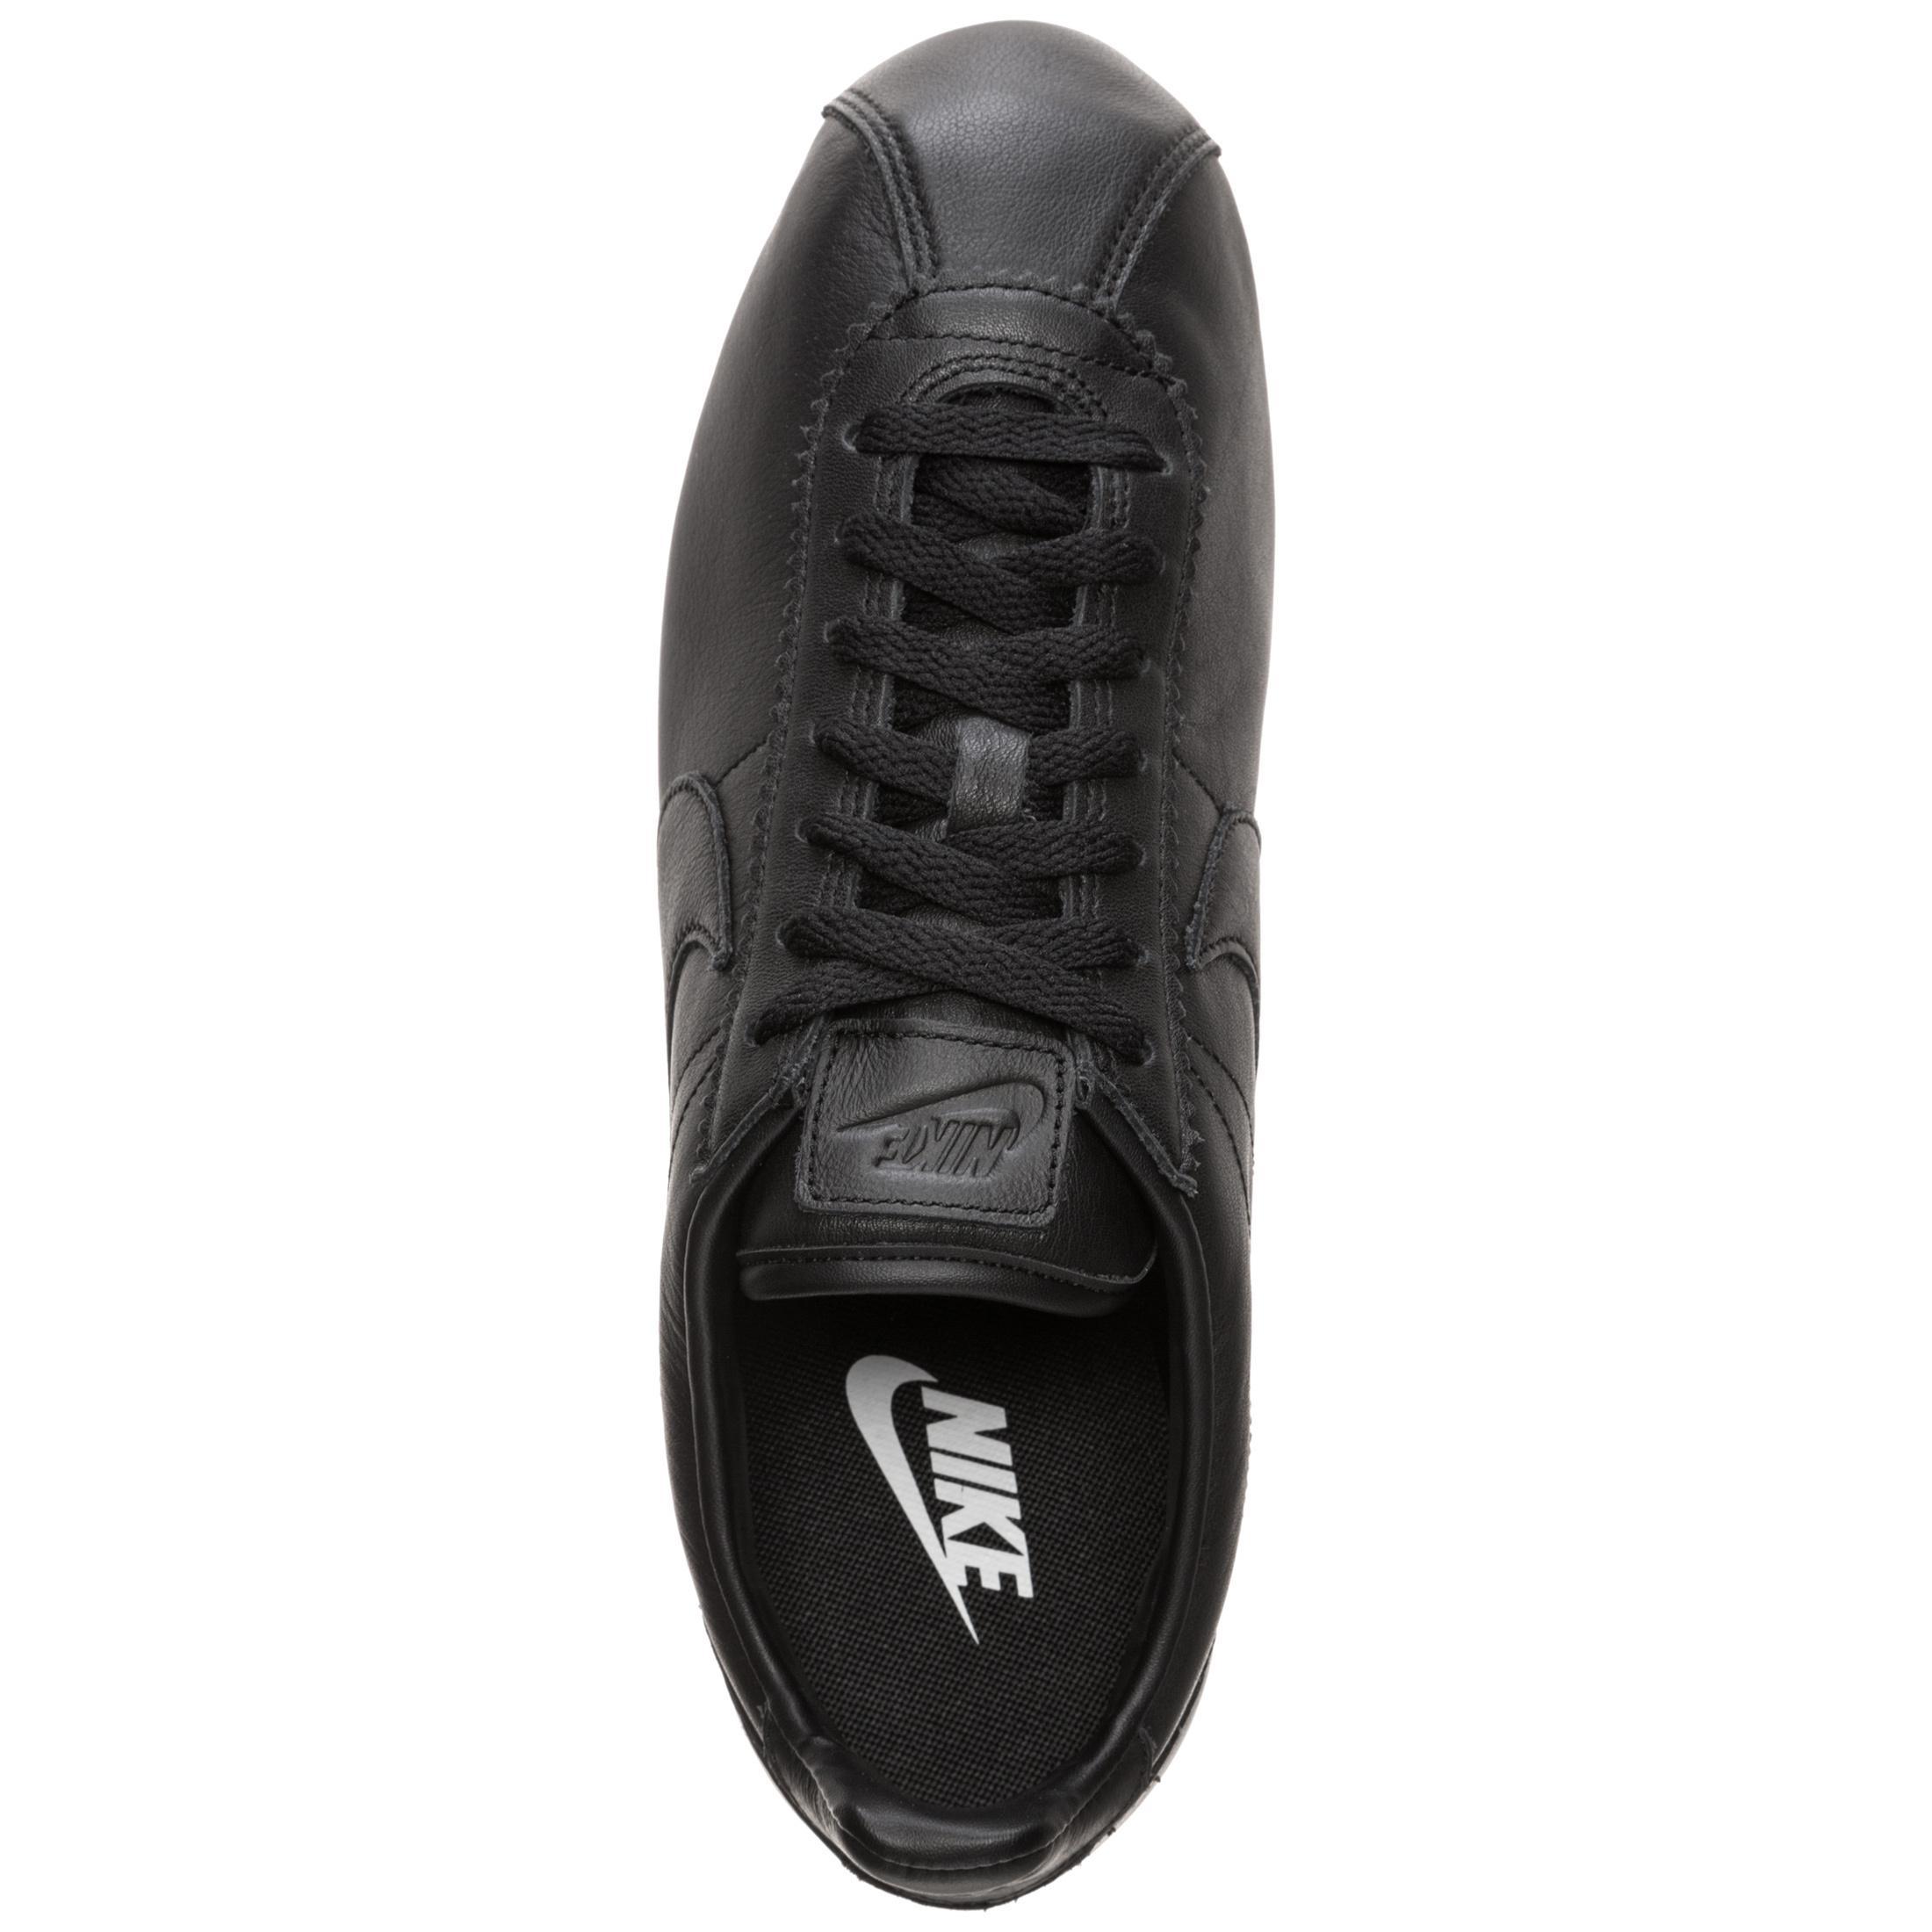 Nike Classic Cortez Sneaker Sneaker Sneaker Herren schwarz im Online Shop von SportScheck kaufen Gute Qualität beliebte Schuhe 178516